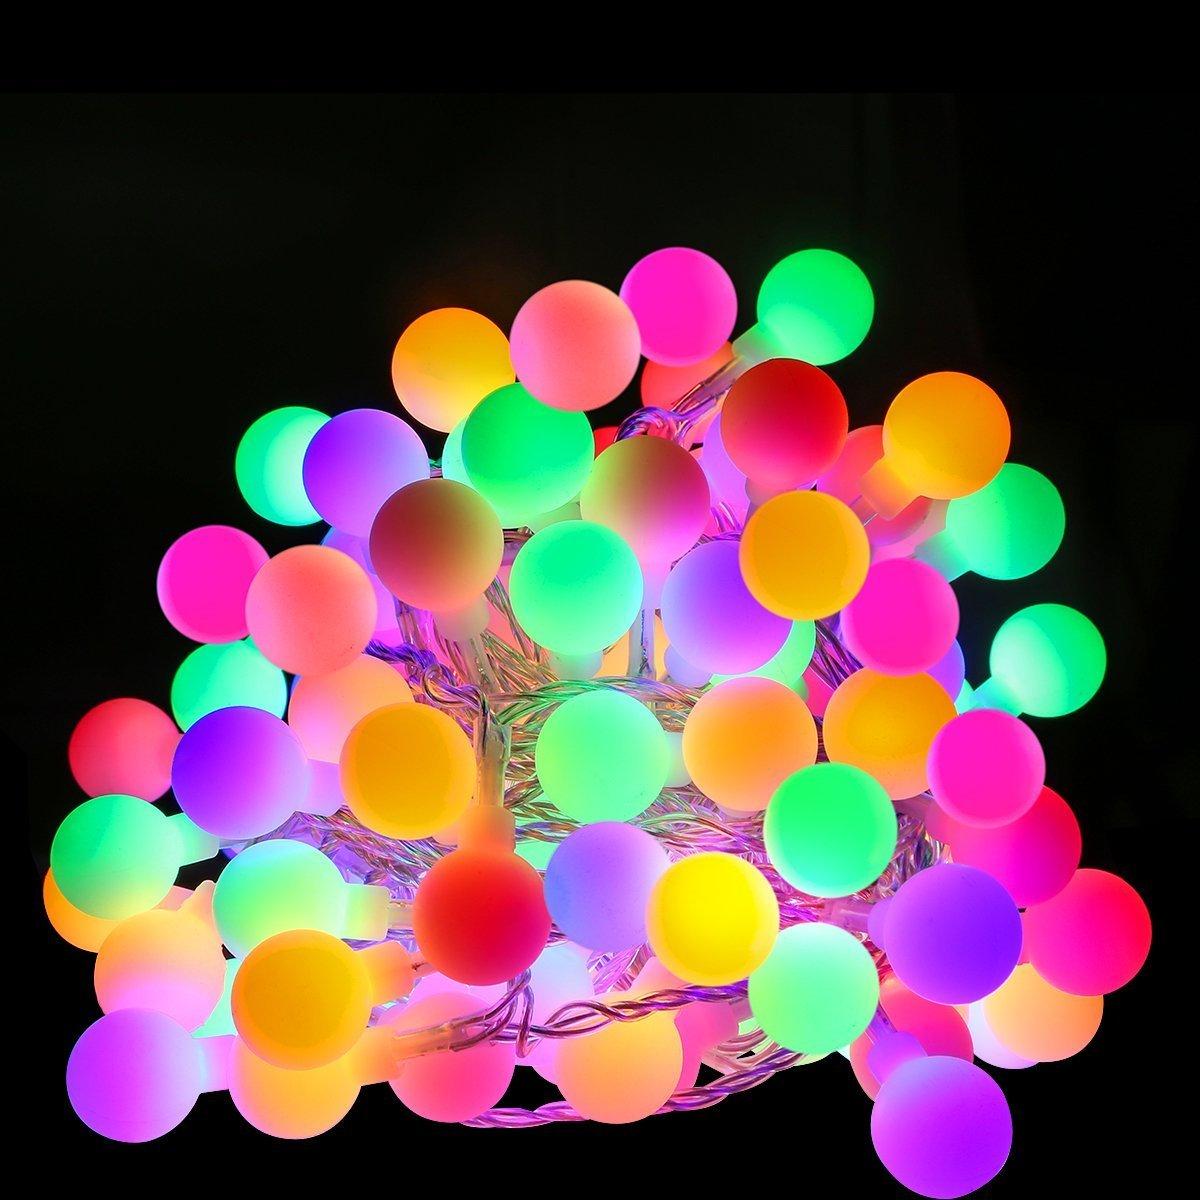 LE m LED Guirnalda de luces Enchufe y Programador Modos Multicolor decoración